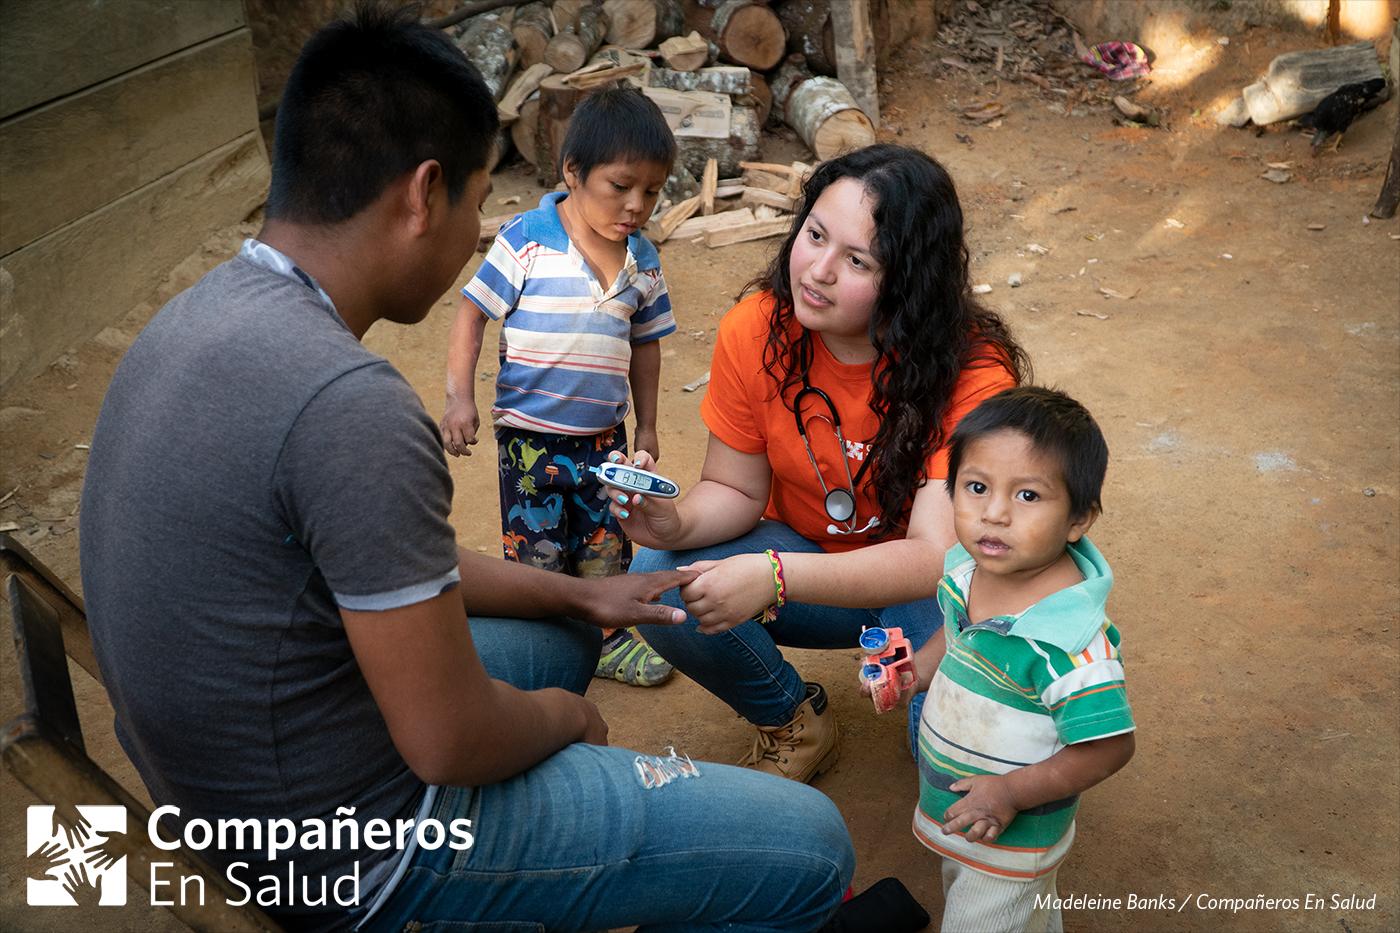 Foto: Berenice Morales Montoya, estudiante de medicina, mide el nivel de glucosa de Don Martín durante las encuestas de salud.